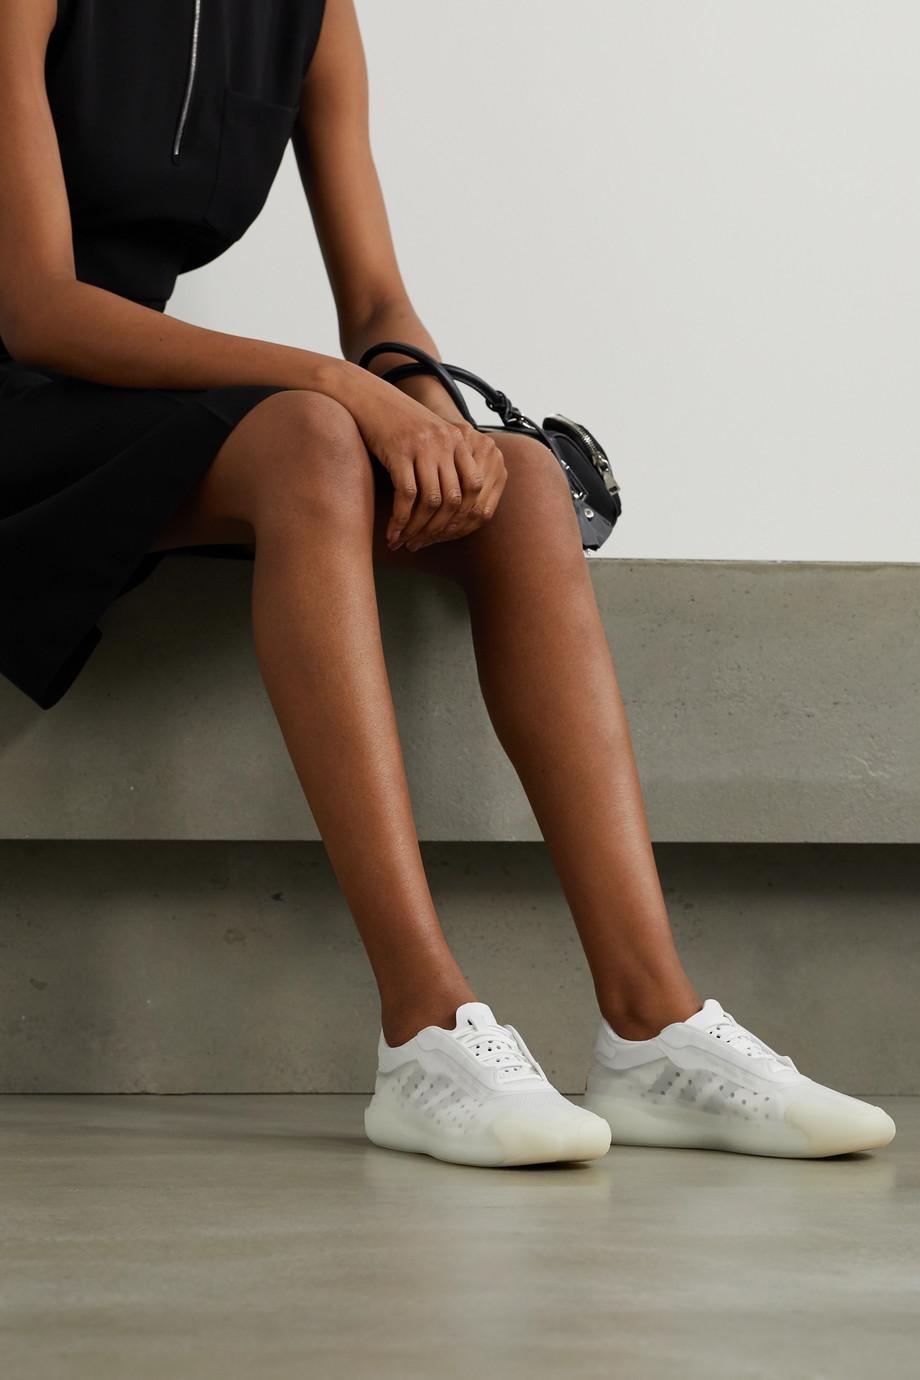 adidas Originals + Prada neoprene and mesh sneakers